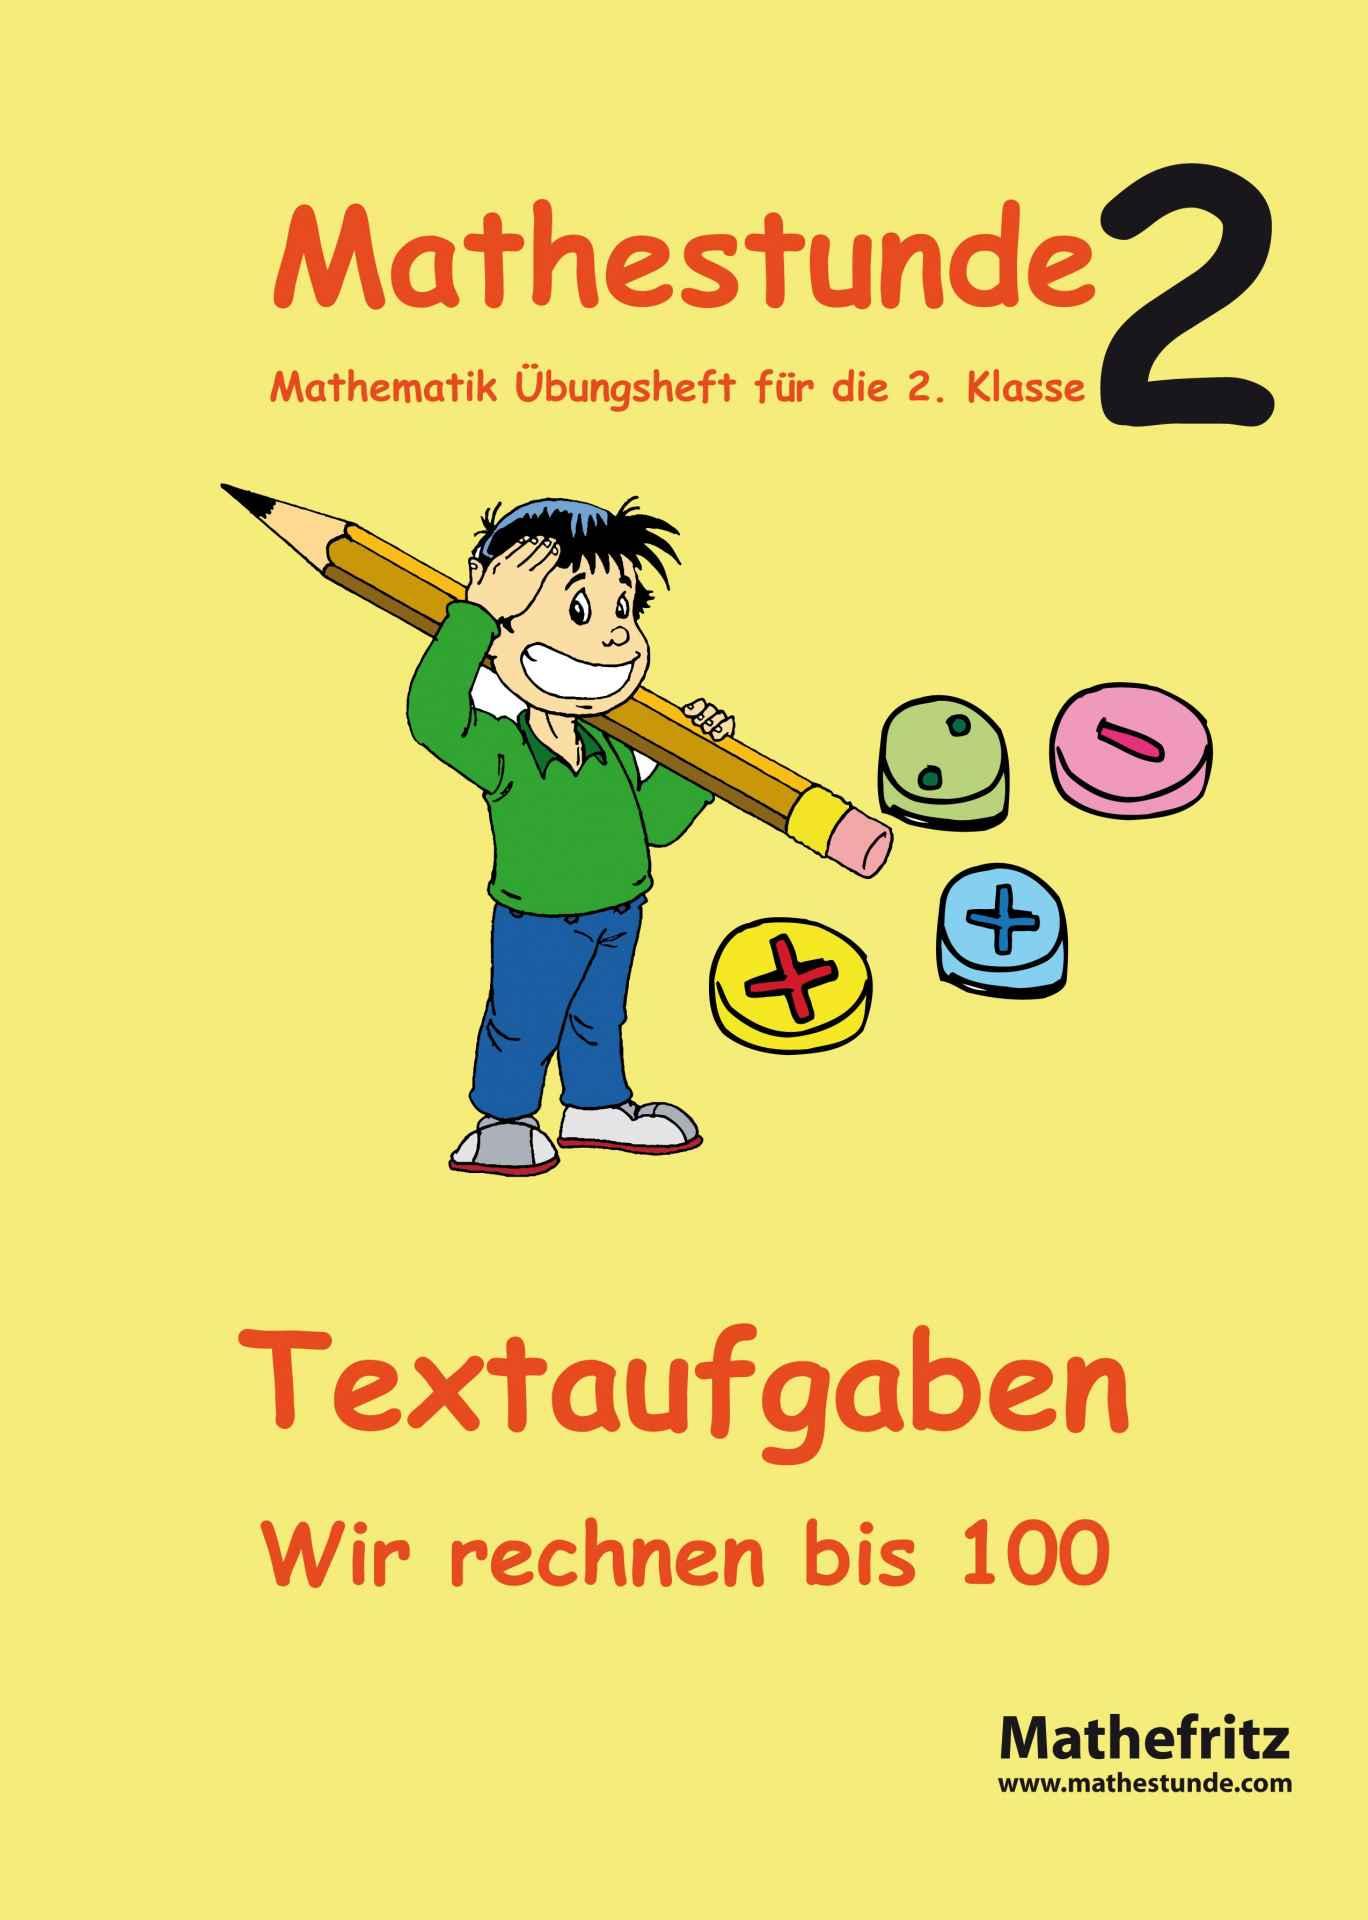 Textaufgaben Klasse 2 | Sachaufgaben Klasse 2 | Mathefritz Übungen